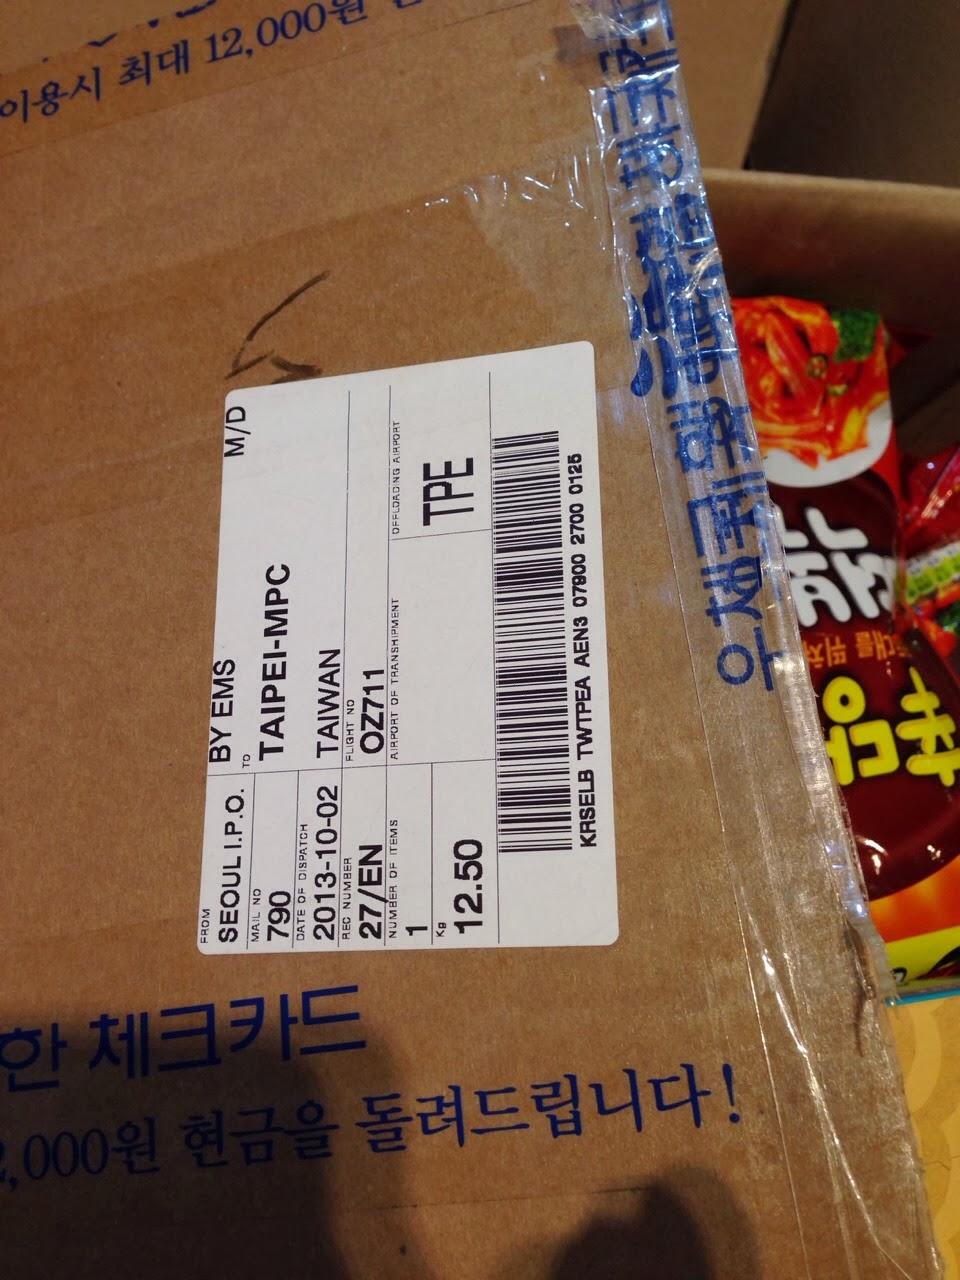 出國必買, cocoling, CROWN, 代購, 首爾, 餅乾, 韓國, 露天, 雅虎, 茶, 糖果, 熱銷, 樂天, 杏仁糖, 拍賣,